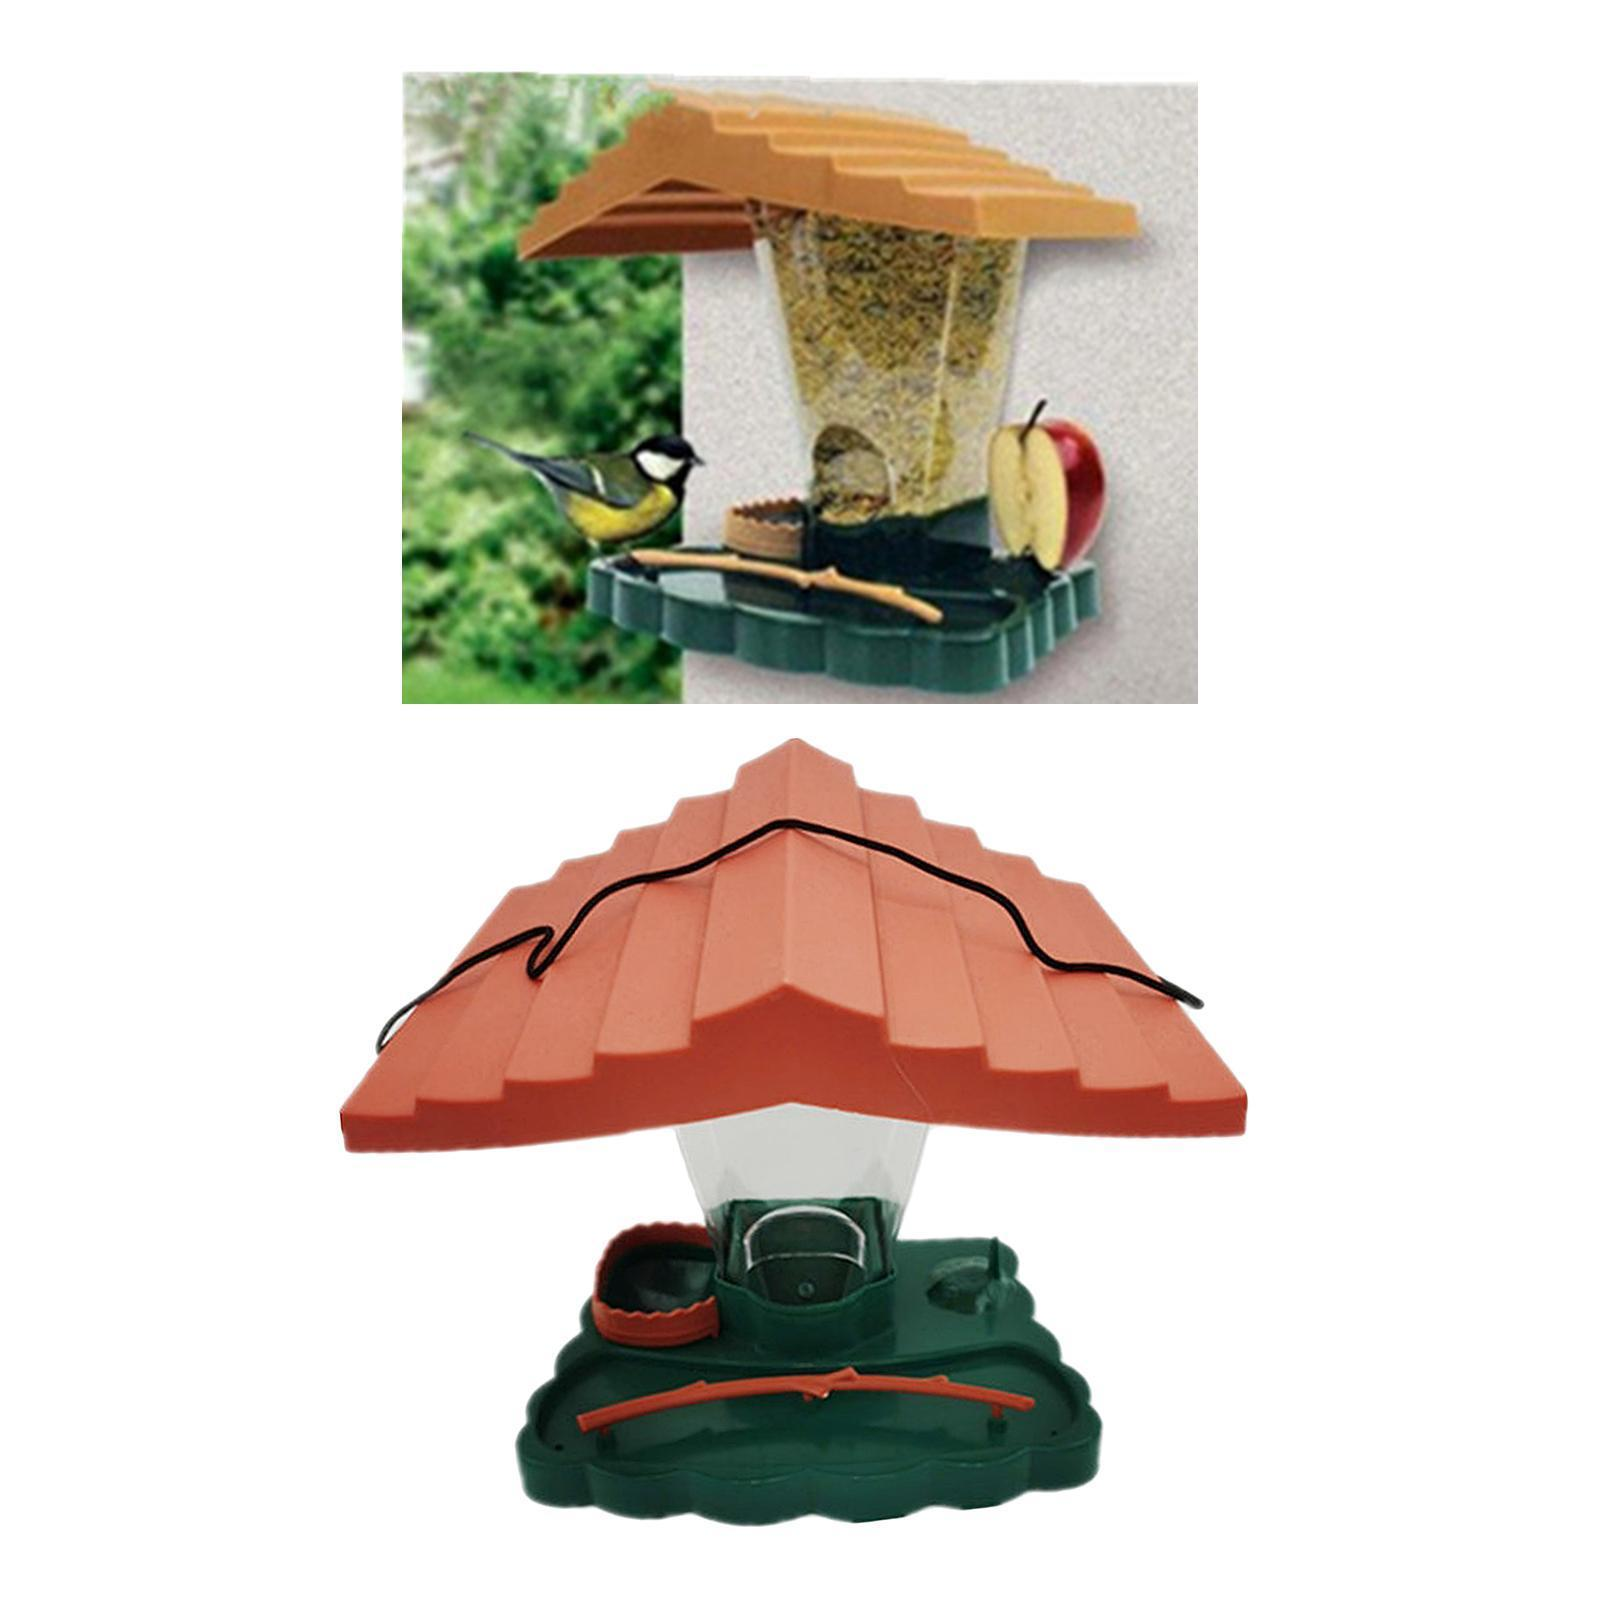 thumbnail 2 - Prime Suspendus Mangeoire pour les Oiseaux Sauvages pour Jardin Cour